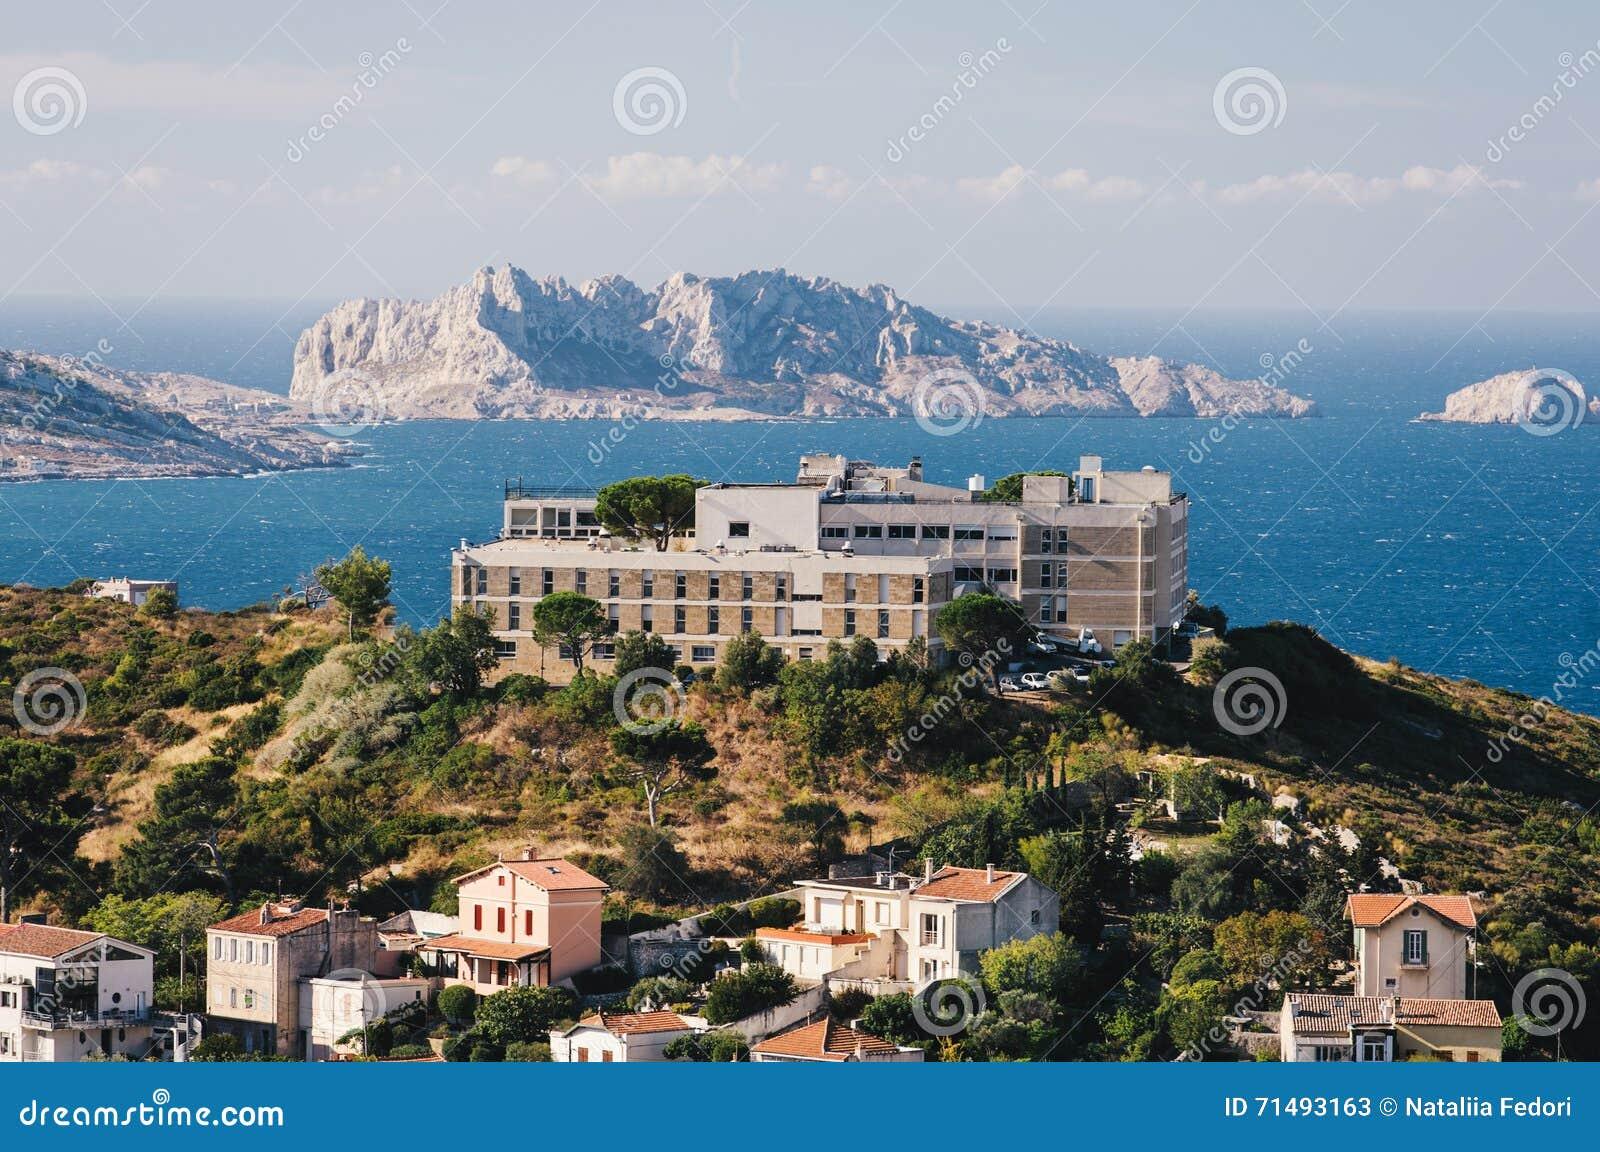 Areal Sikt Pa Marseille Fran Berget Frankrike Fotografering For Bildbyraer Bild Av Slott Harlig 71493163